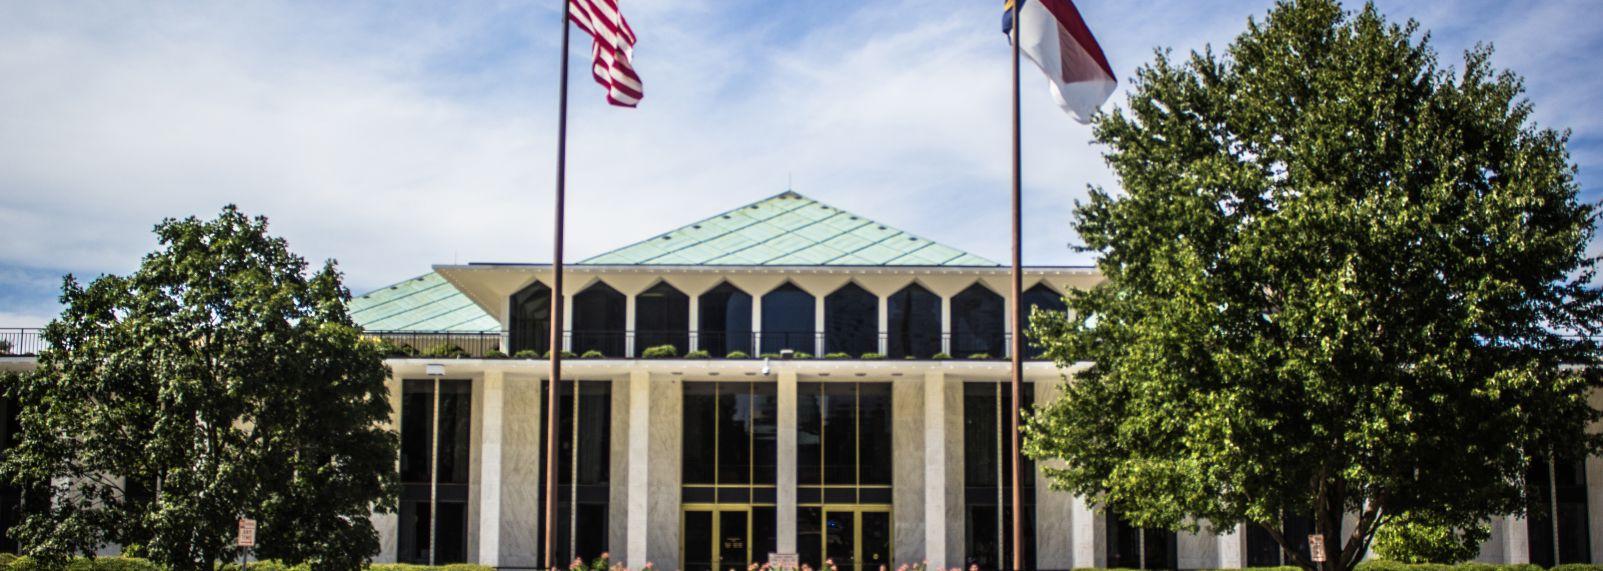 NC State Legislature 03-224.jpg